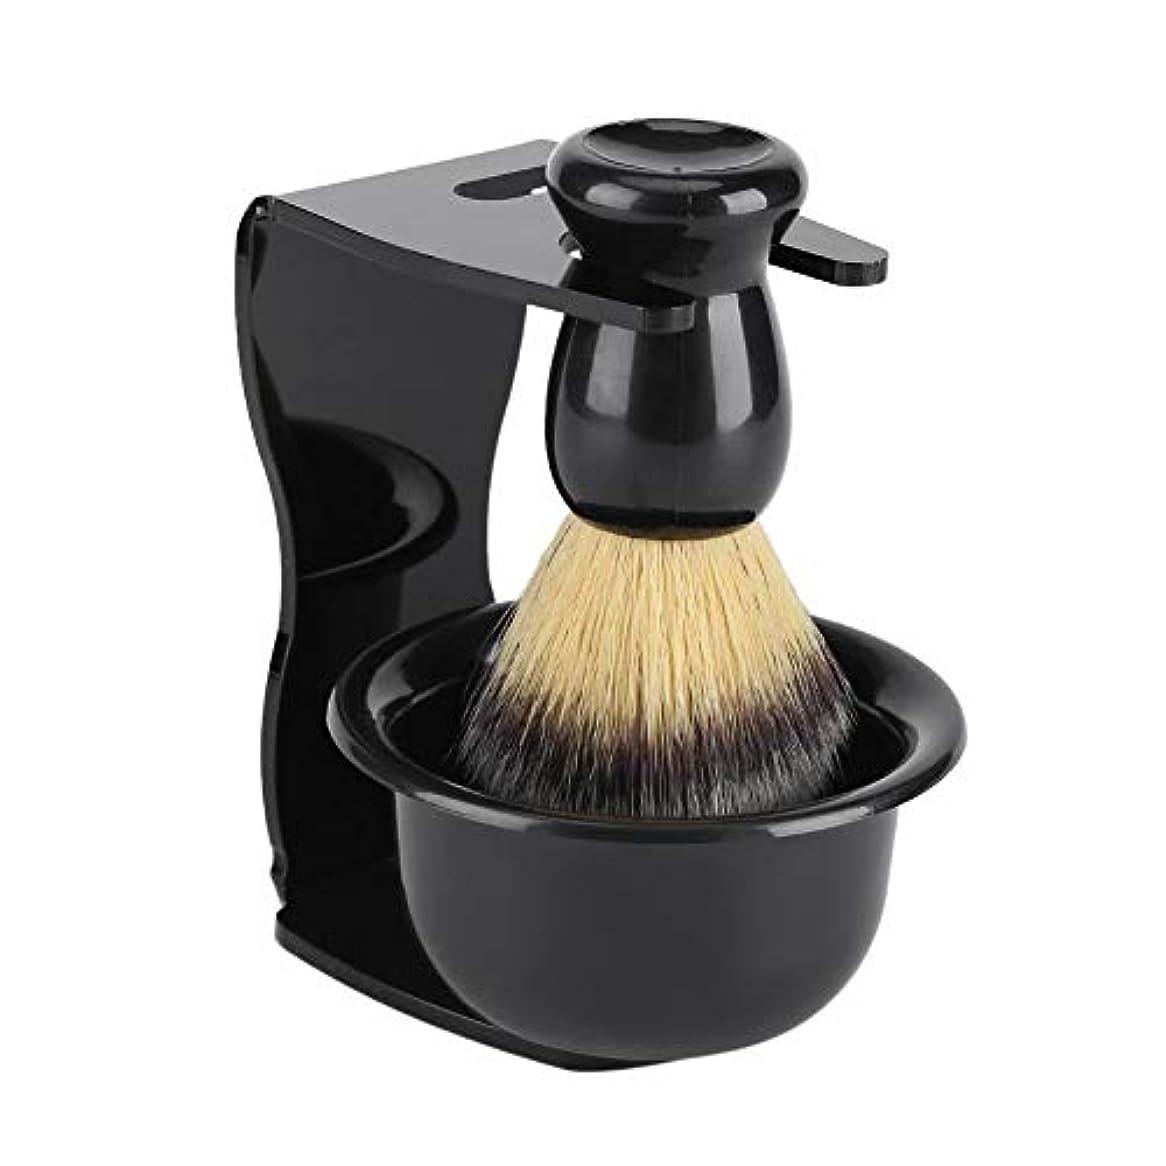 グレートオークステープルエミュレーション3セットひげブラシ シェービングブラシ プレゼントシェービングブラシセット プラシスタンド 石鹸ボウル 理容 洗顔 髭剃り